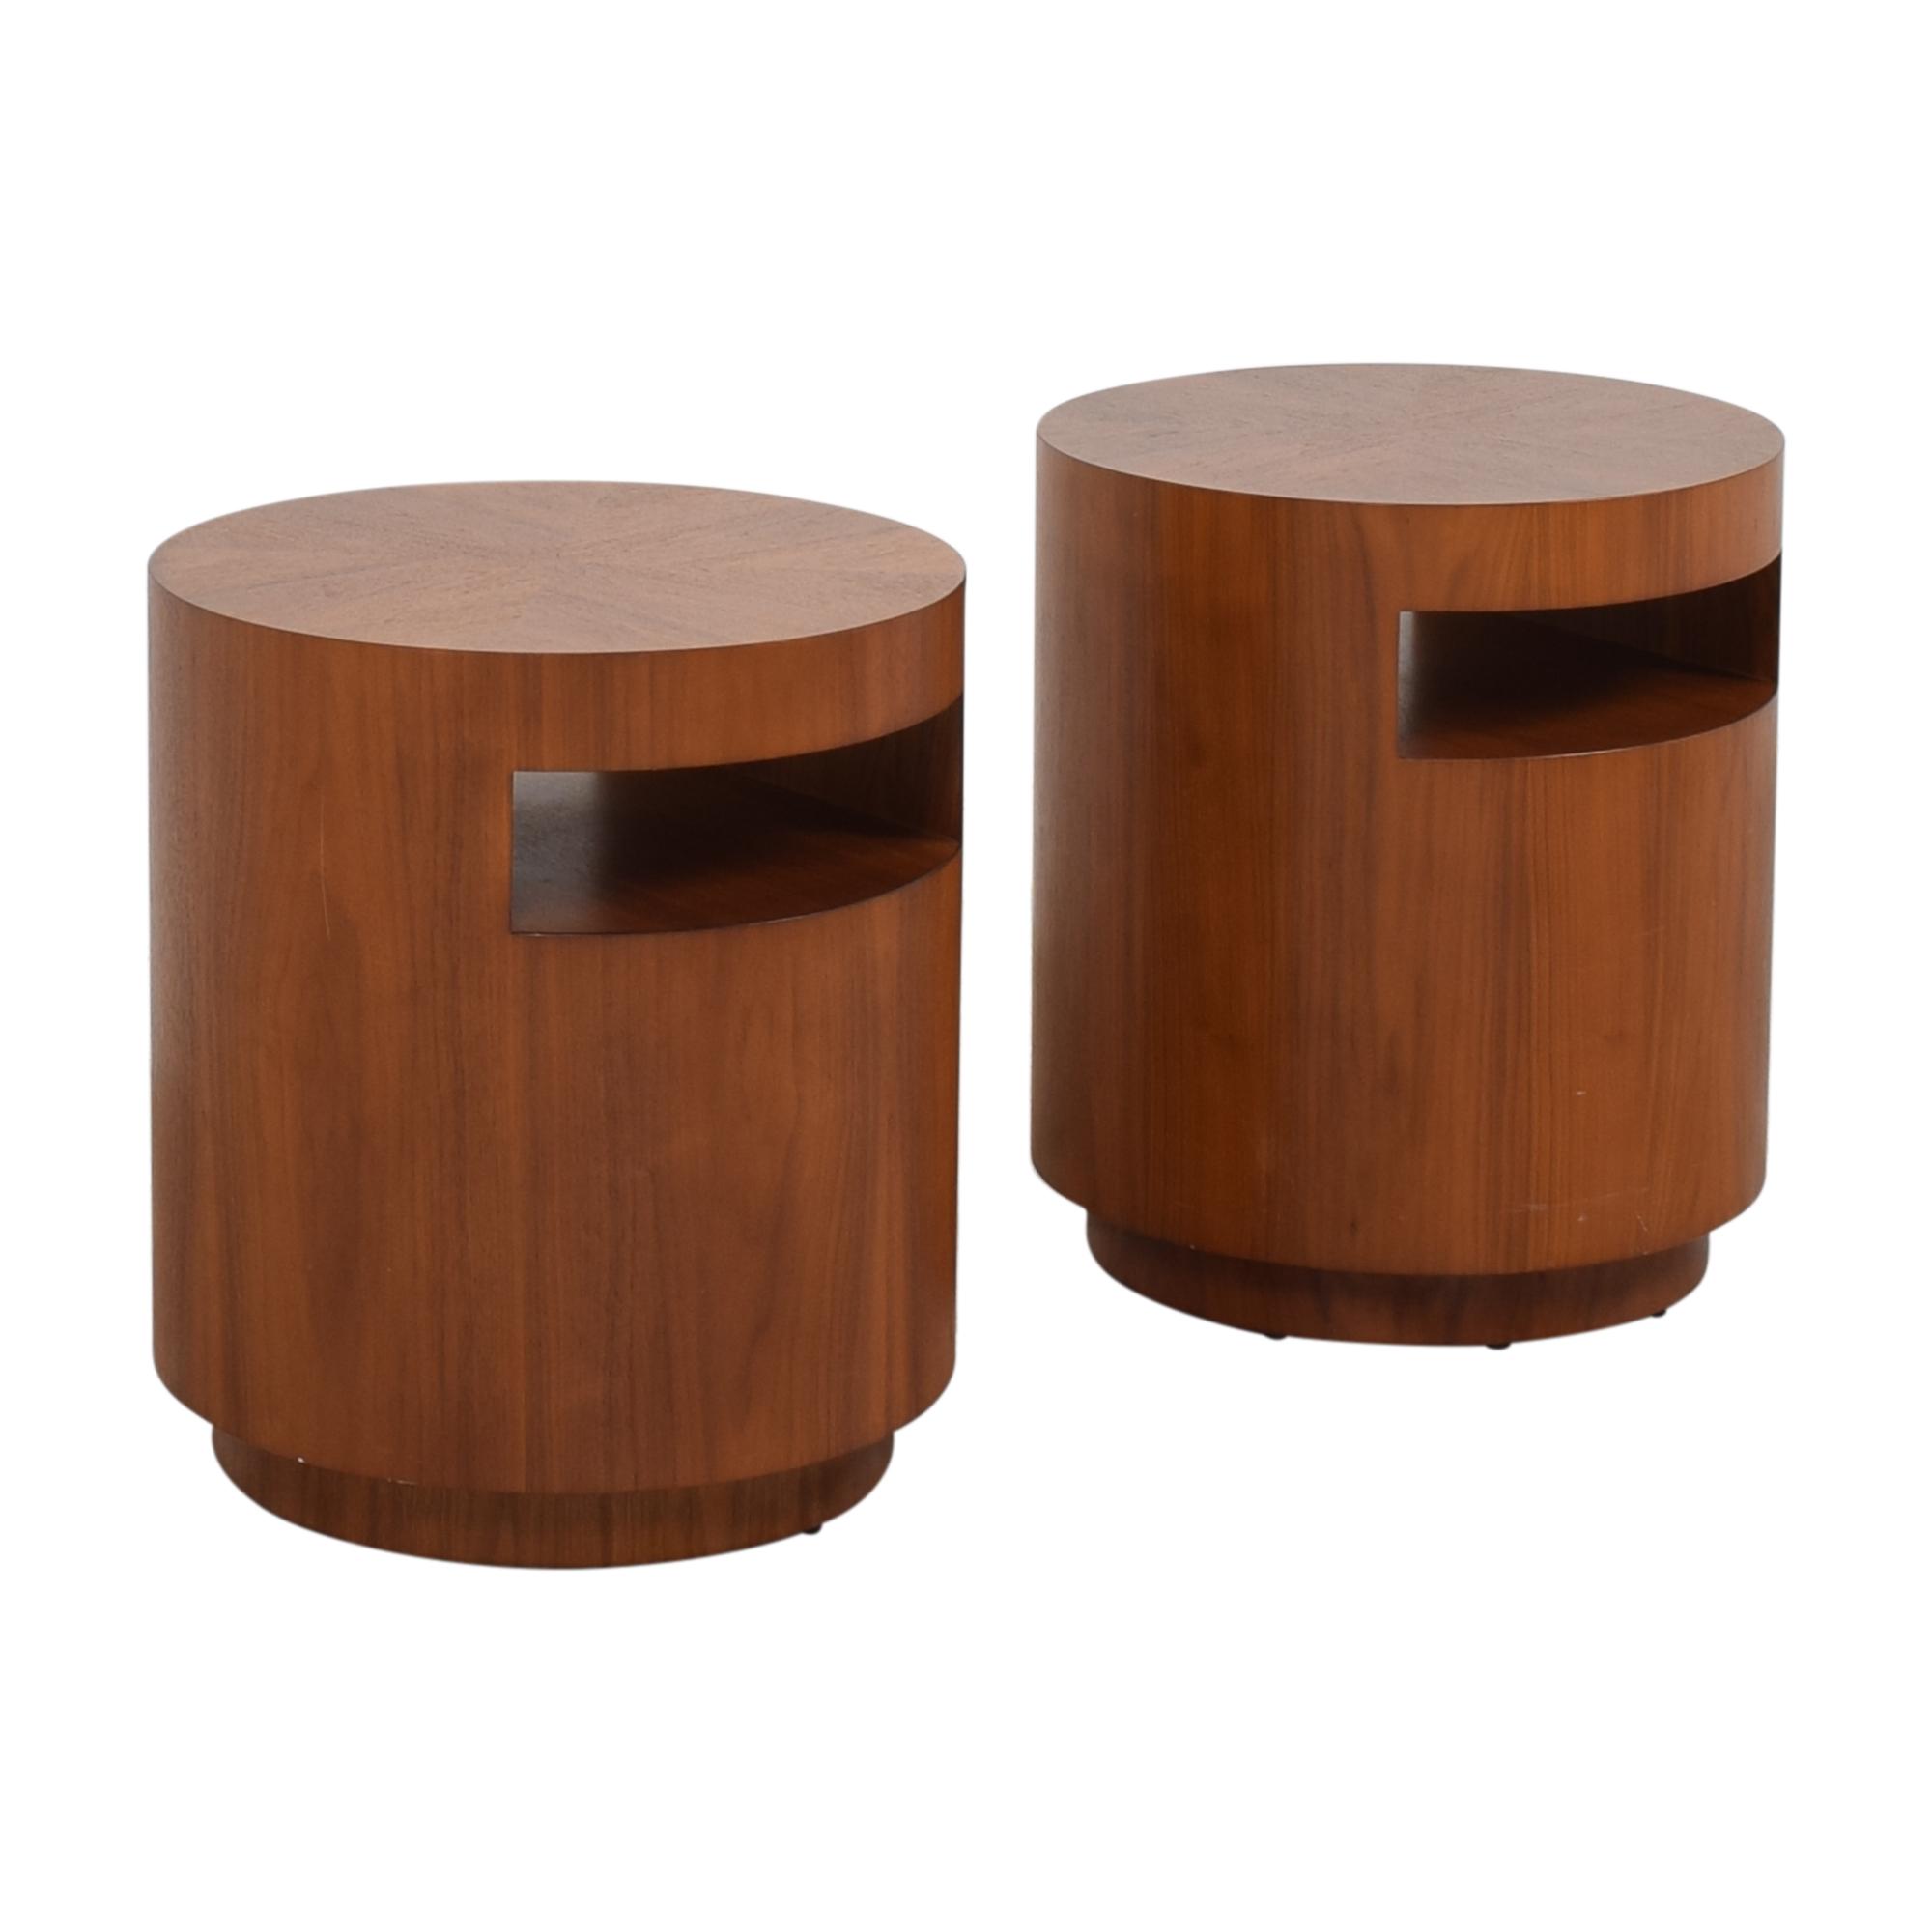 Crate & Barrel Crate & Barrel Tambe End Tables